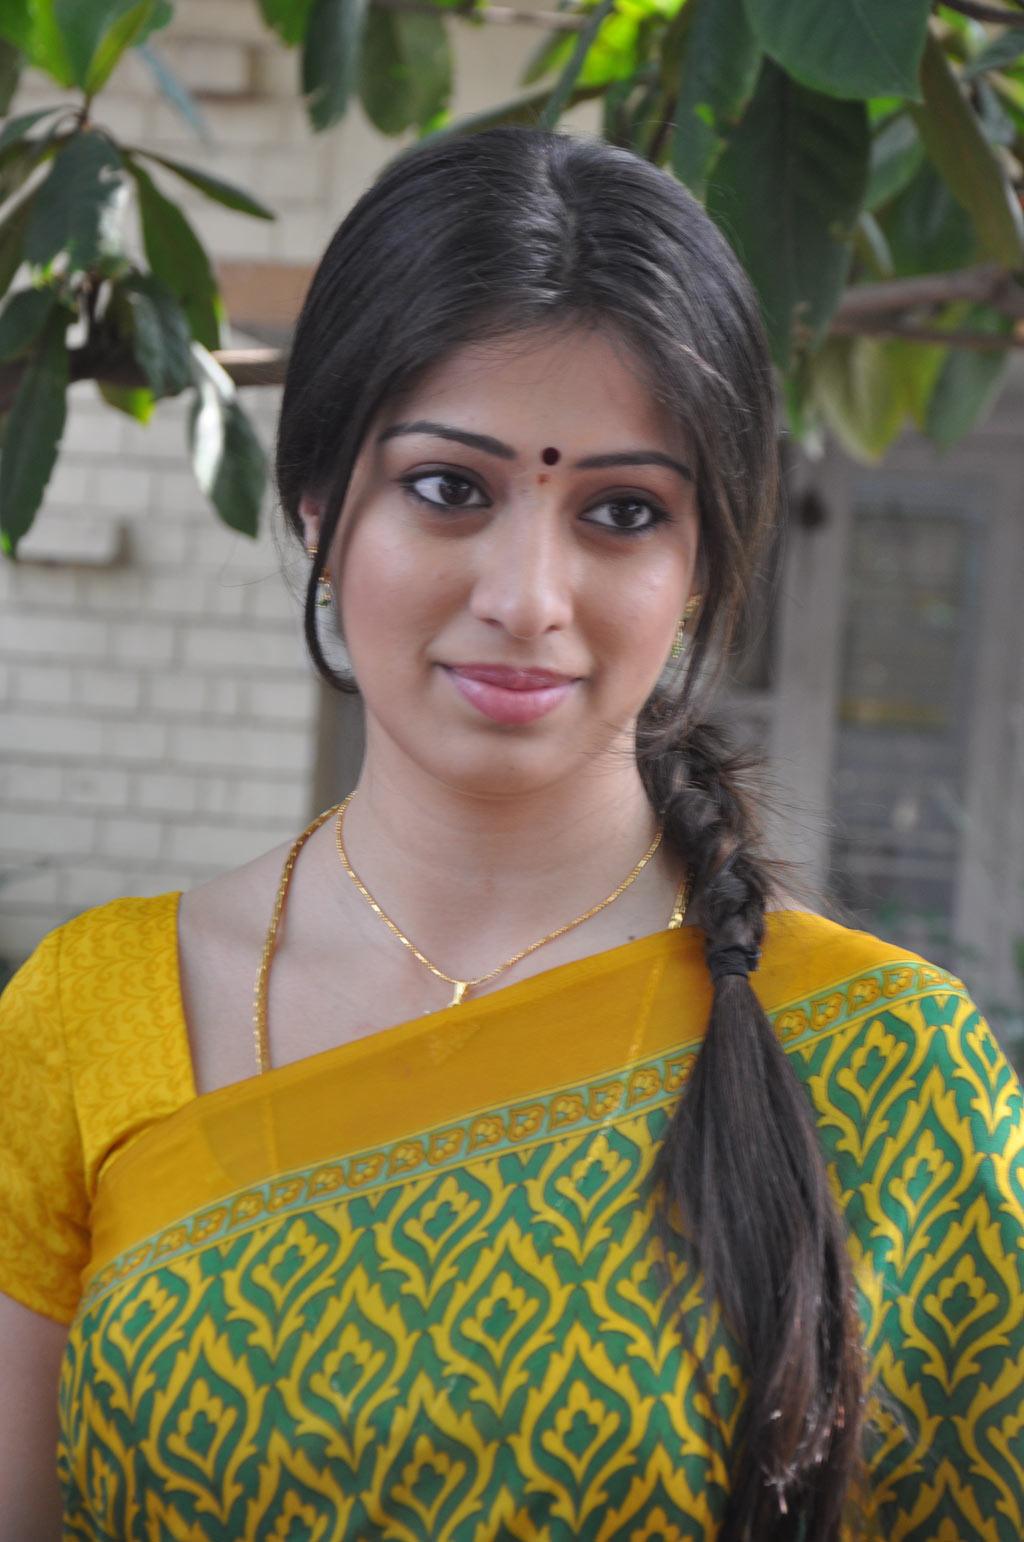 High Quality Images Actress Lakshmi Rai Latest Photo Images-7441